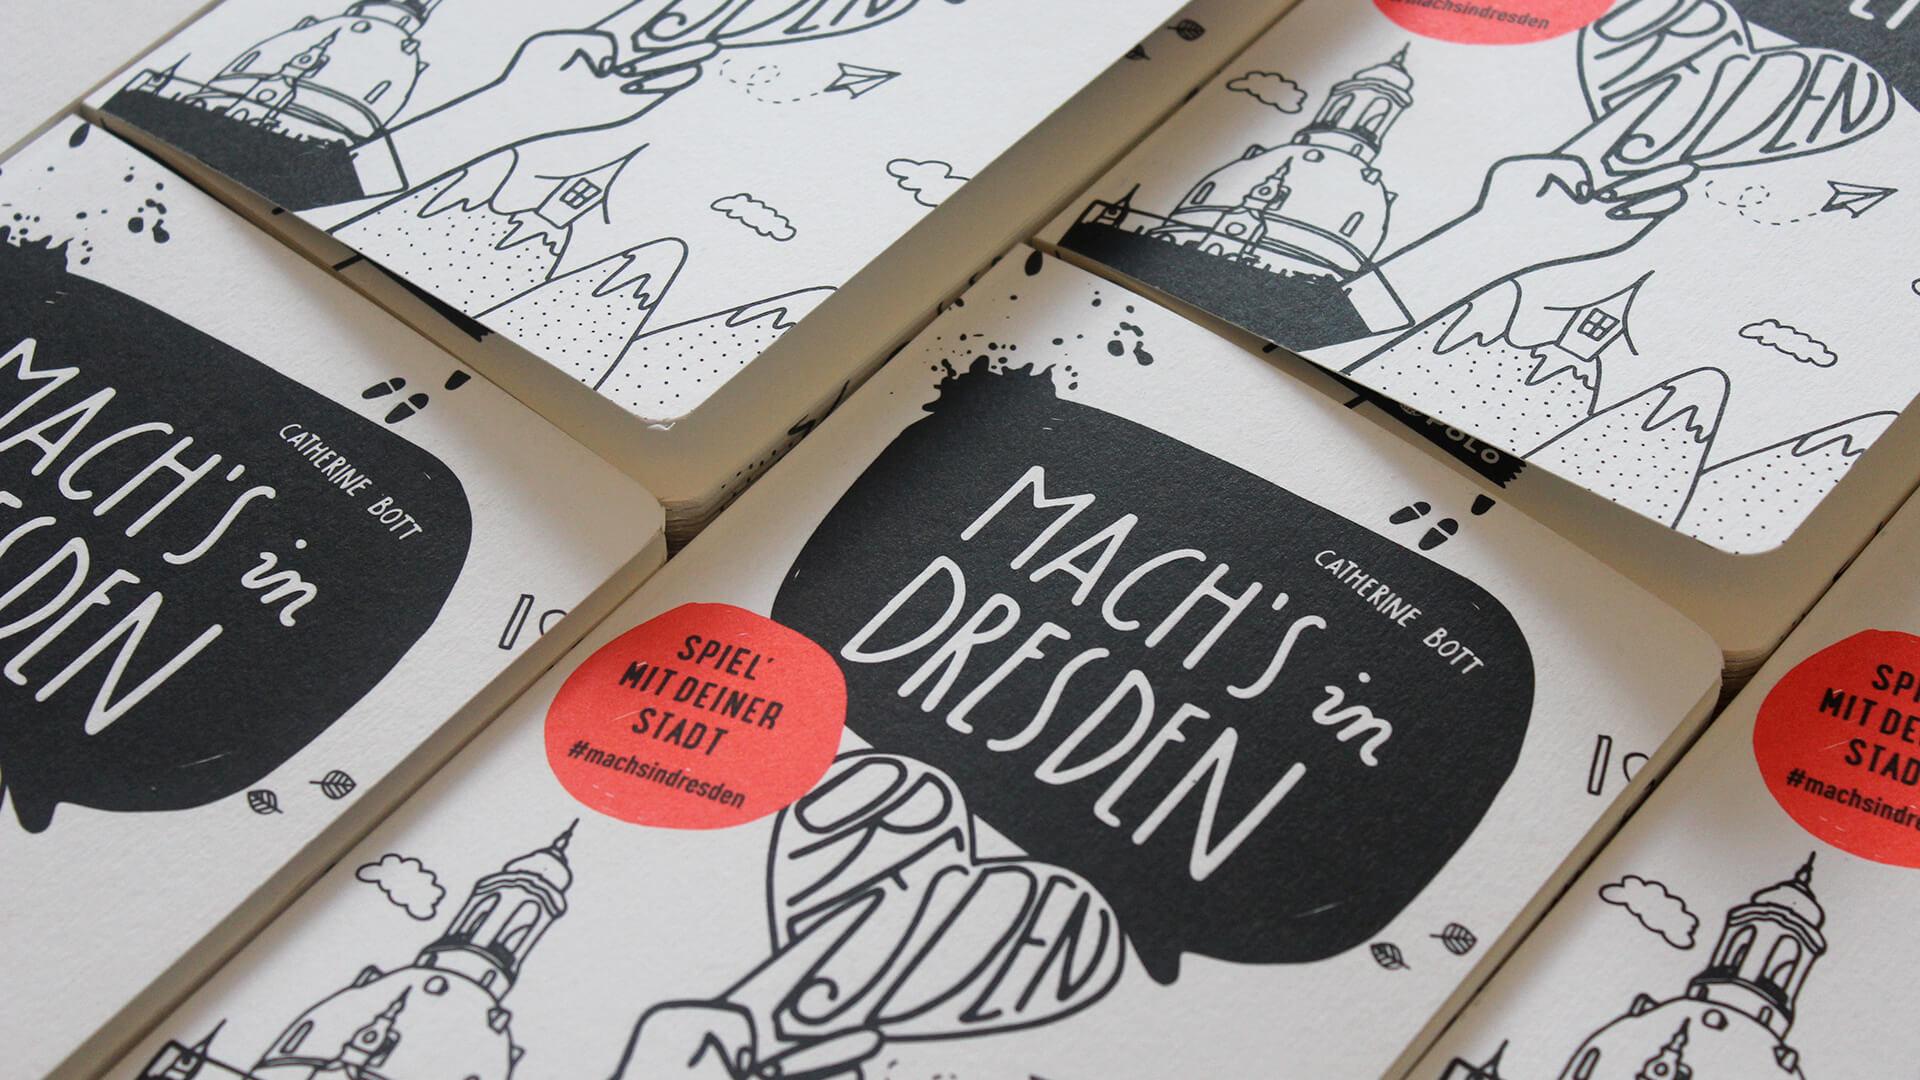 Bücher mit Cover von Mach's in Dresden